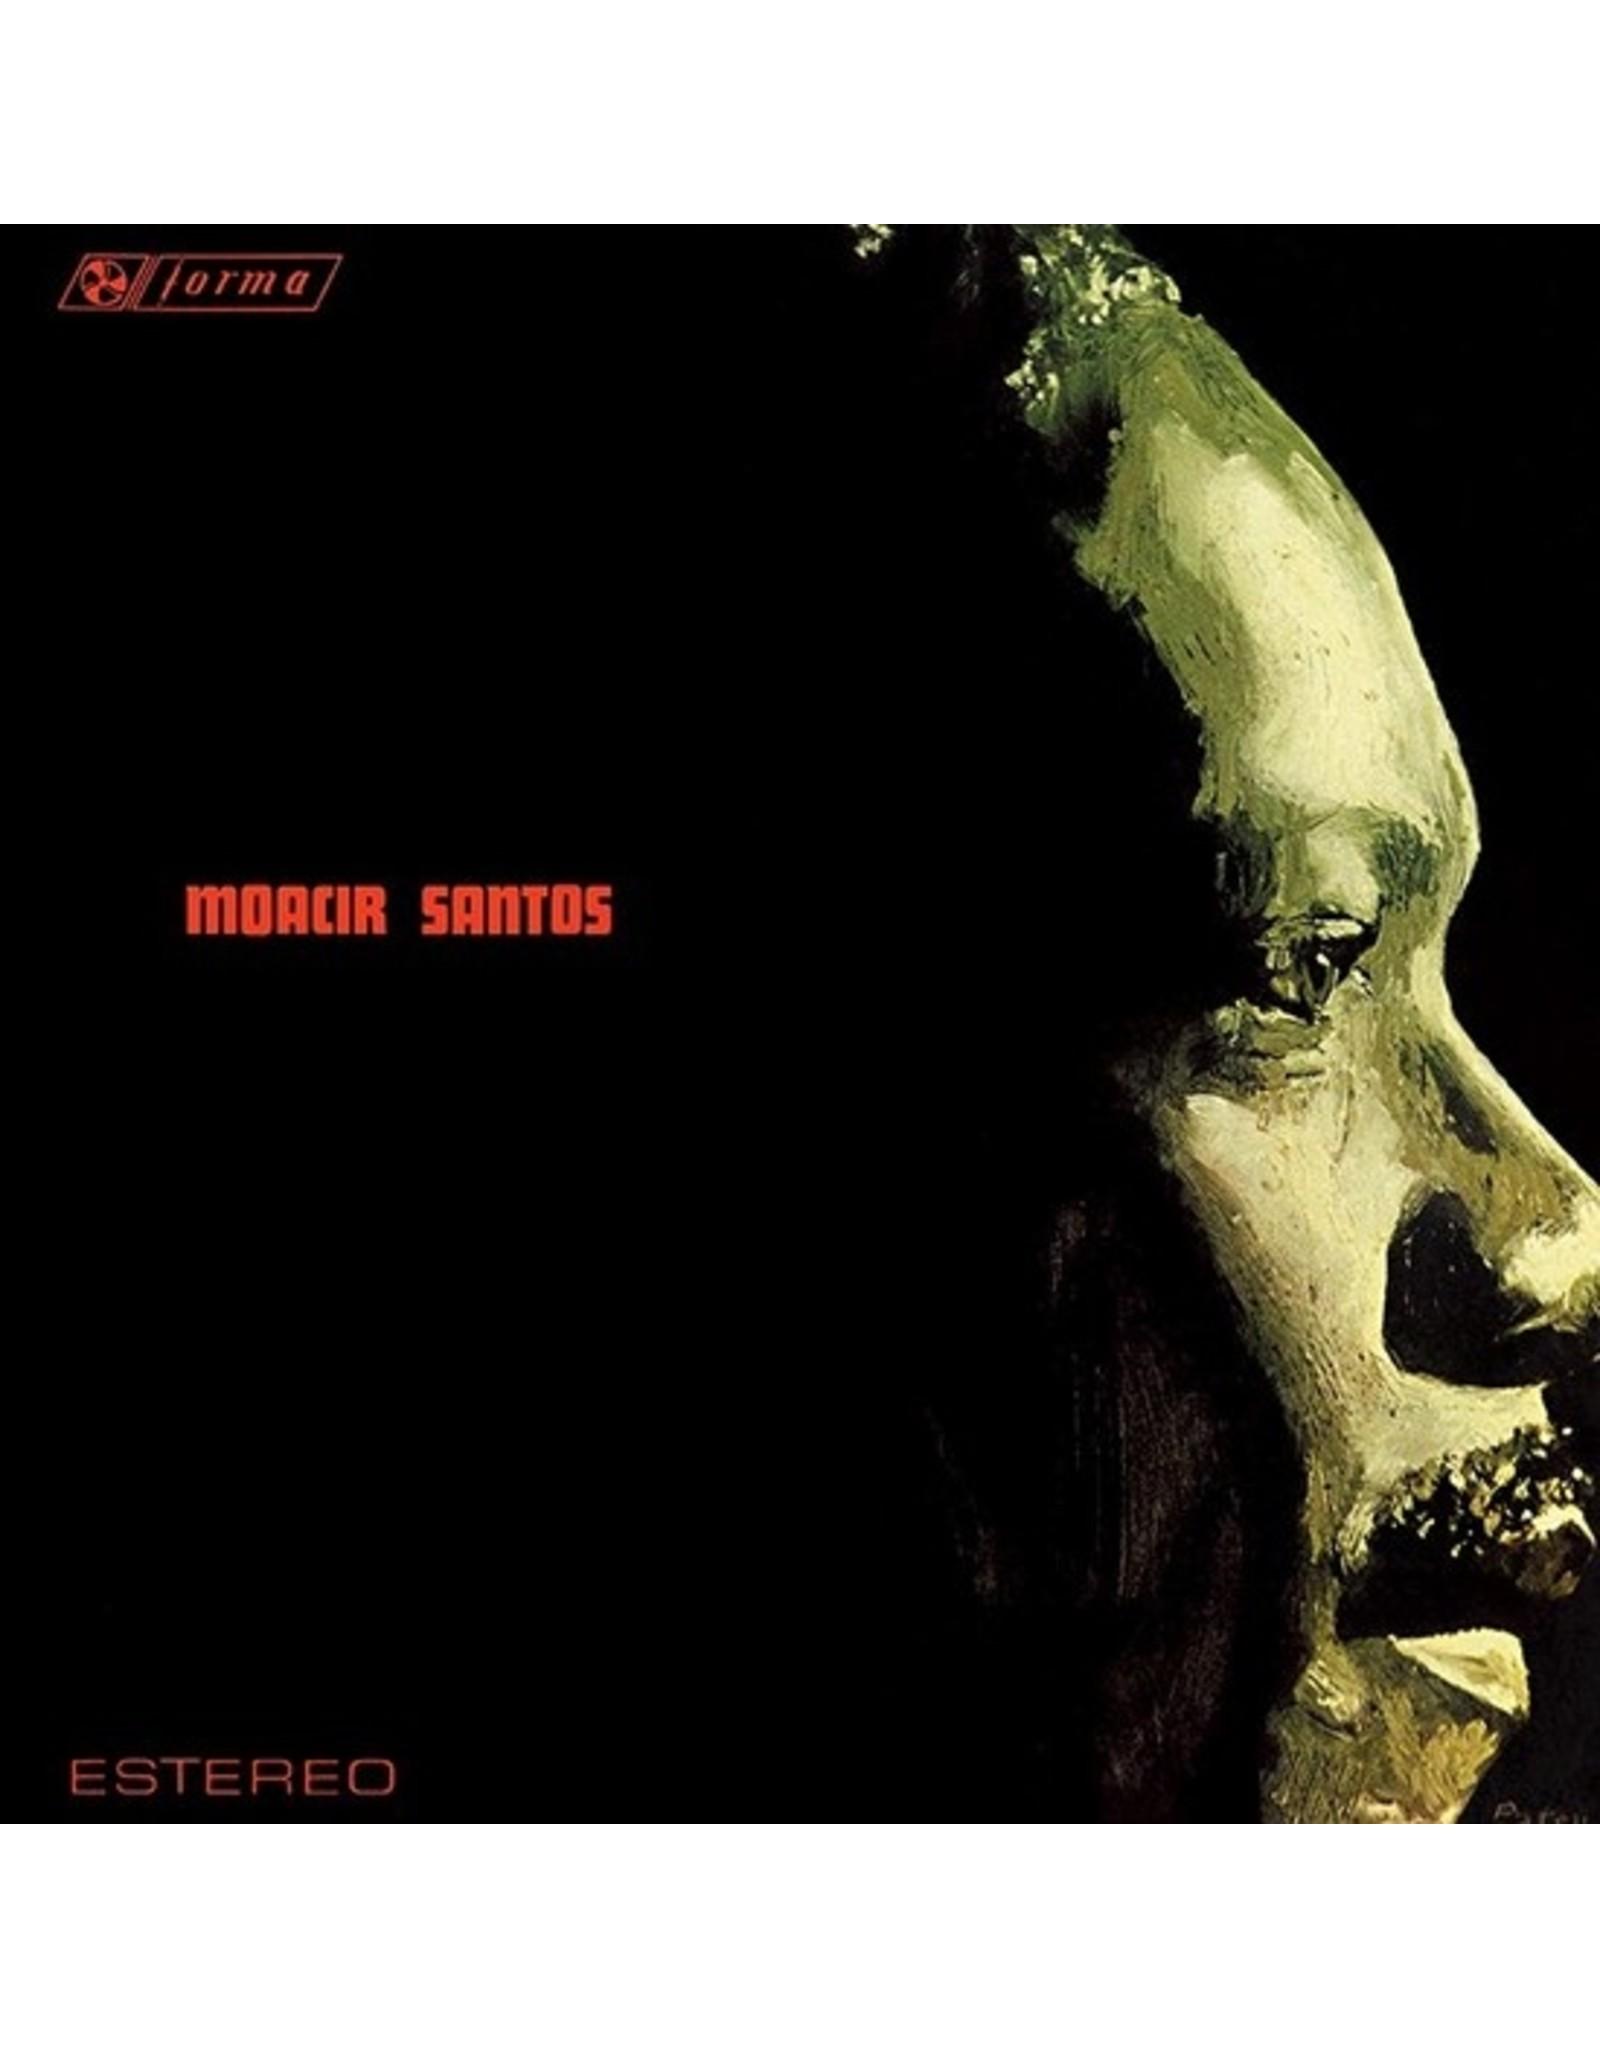 New Vinyl Moacir Santos - Coisas [Brazil Import] LP